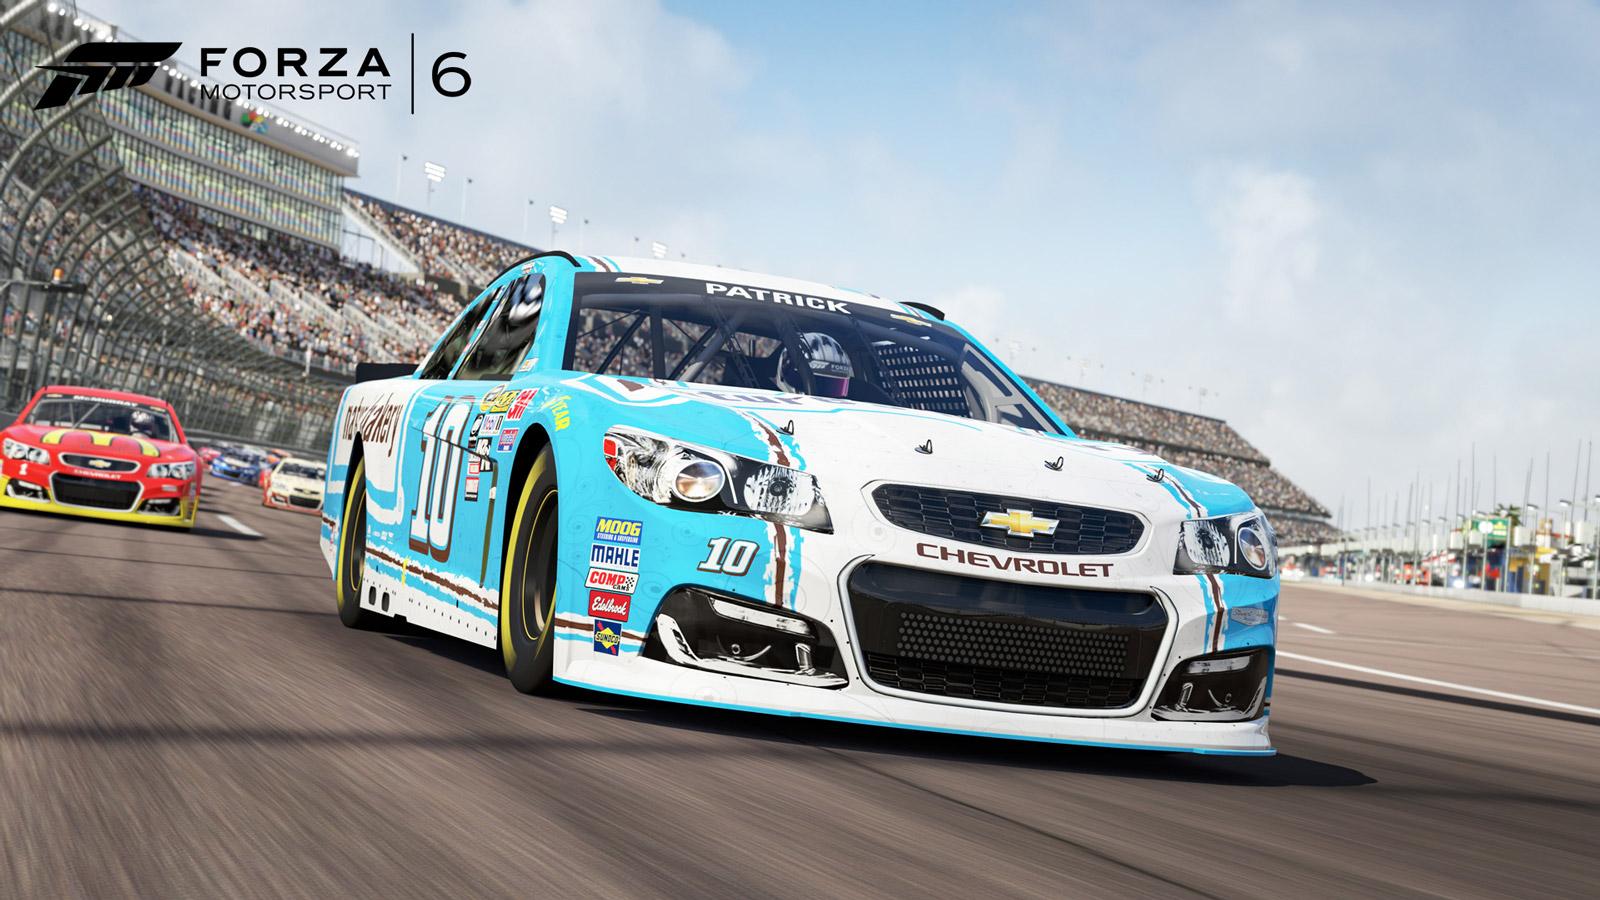 Forza Motorsport 6 Wallpaper in 1600x900